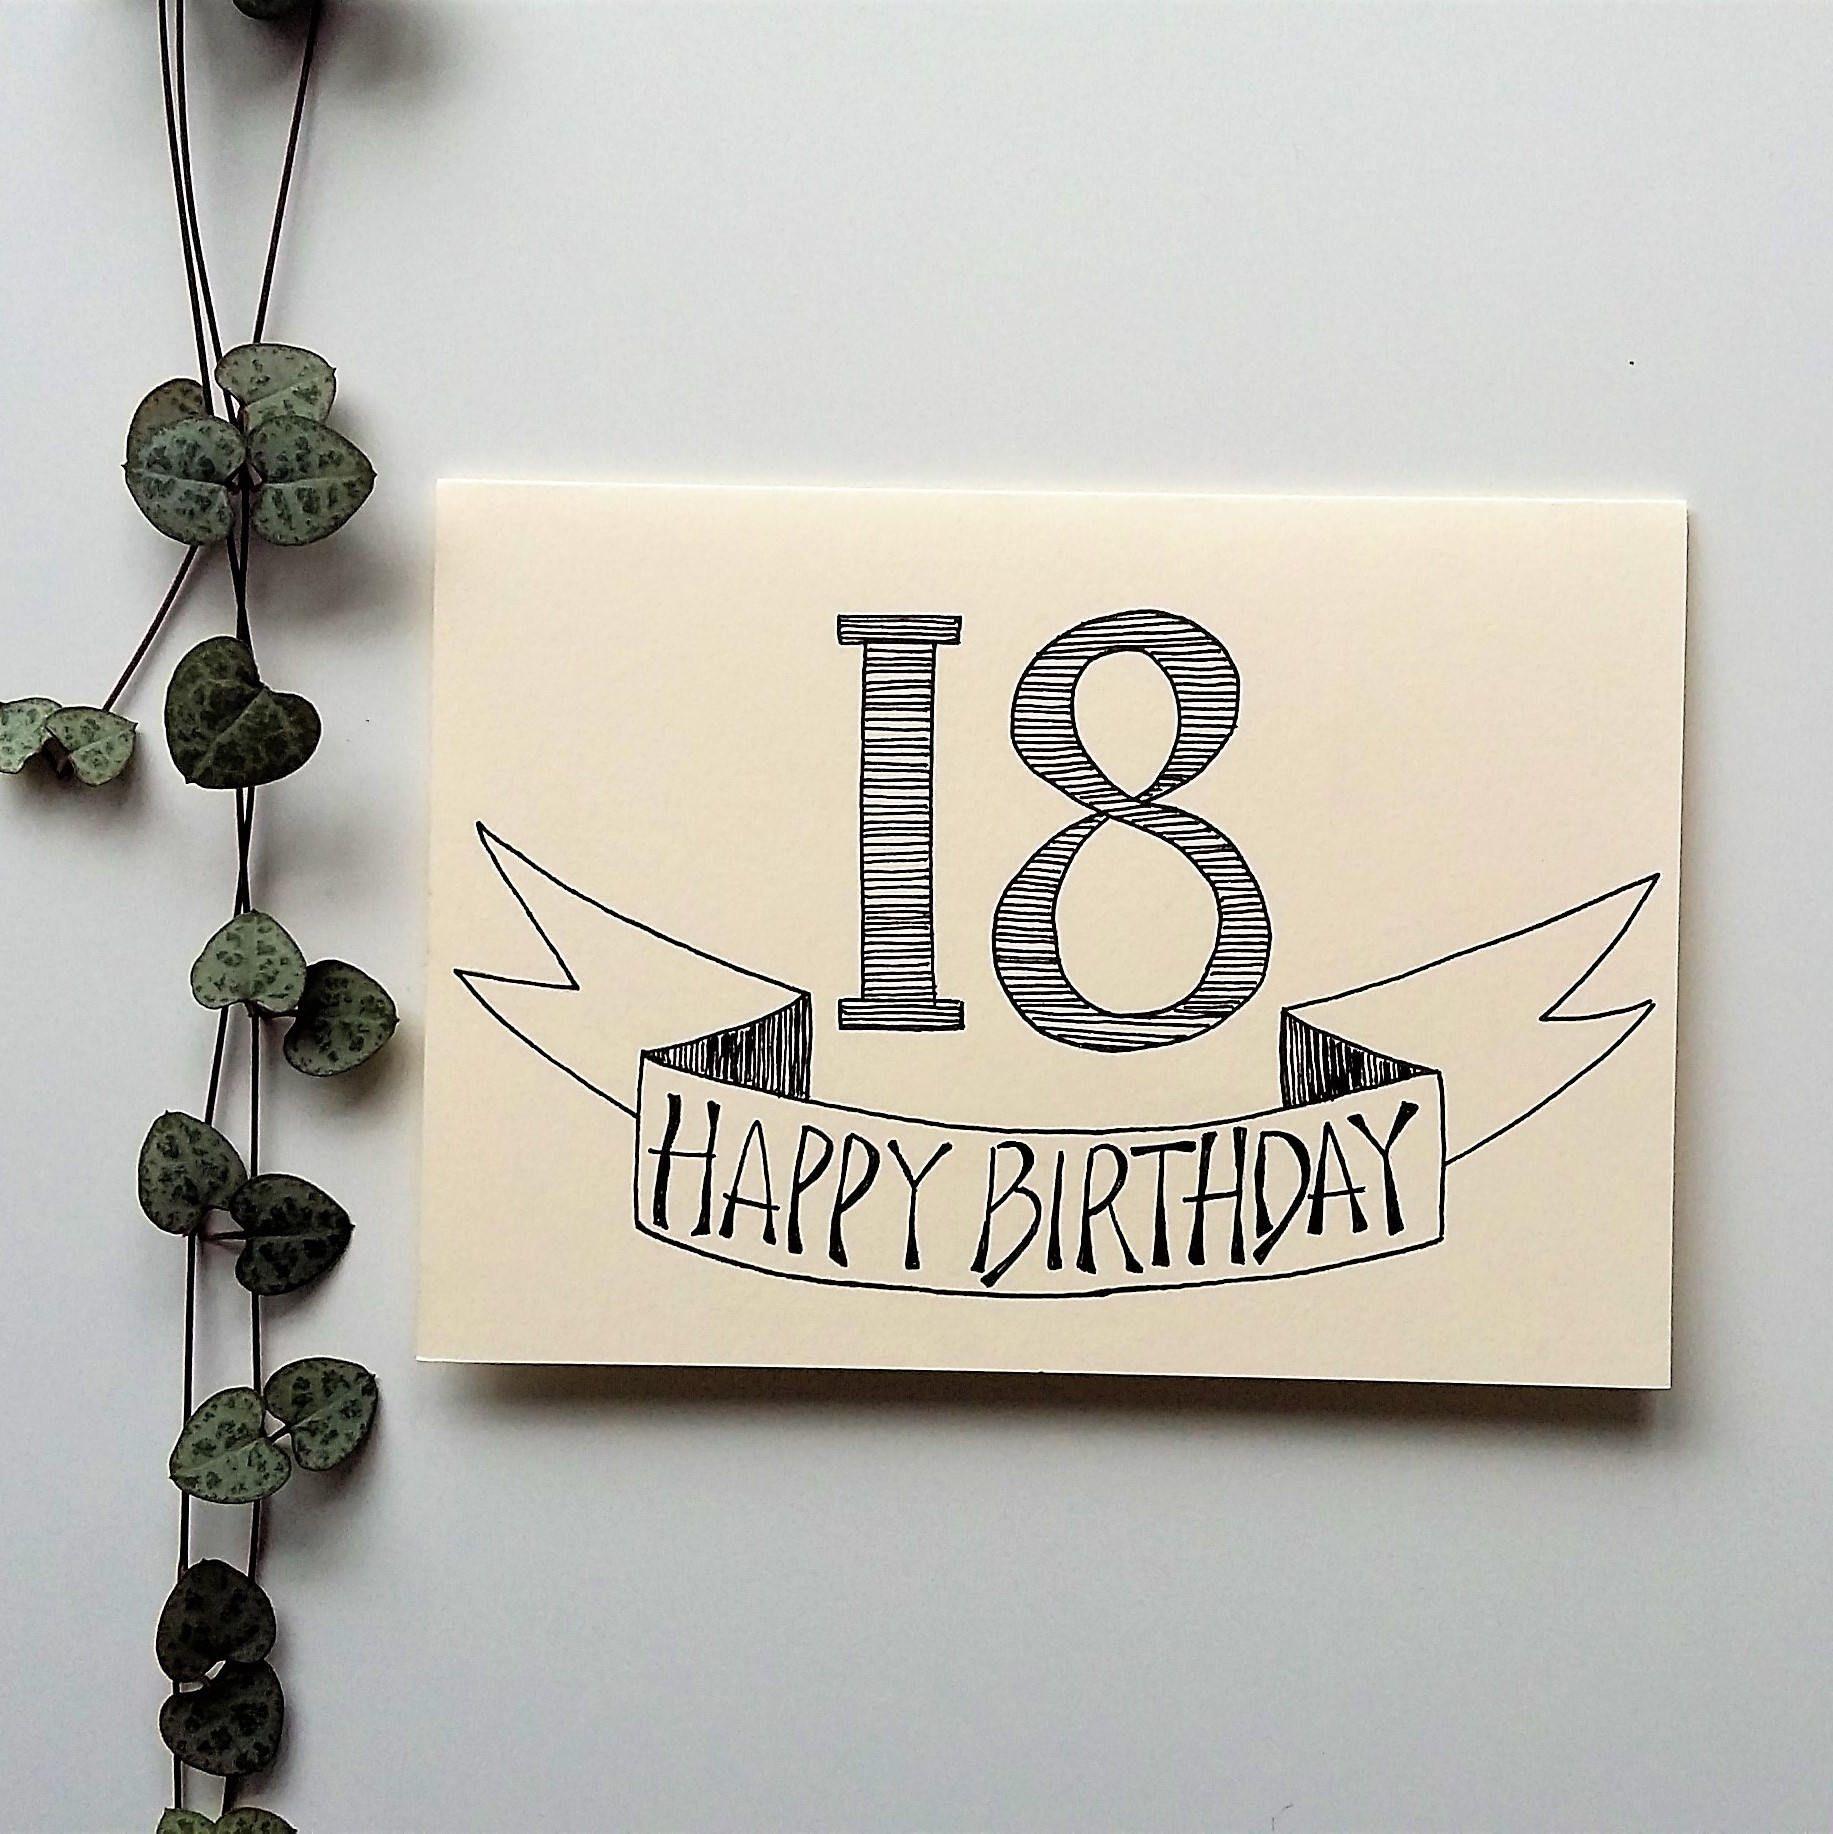 18th Birthday Card A6 Hand Drawn Birthday Card Handmade Hand Drawn Cards By Beck S Crea Birthday Card Drawing 18th Birthday Cards Calligraphy Birthday Card